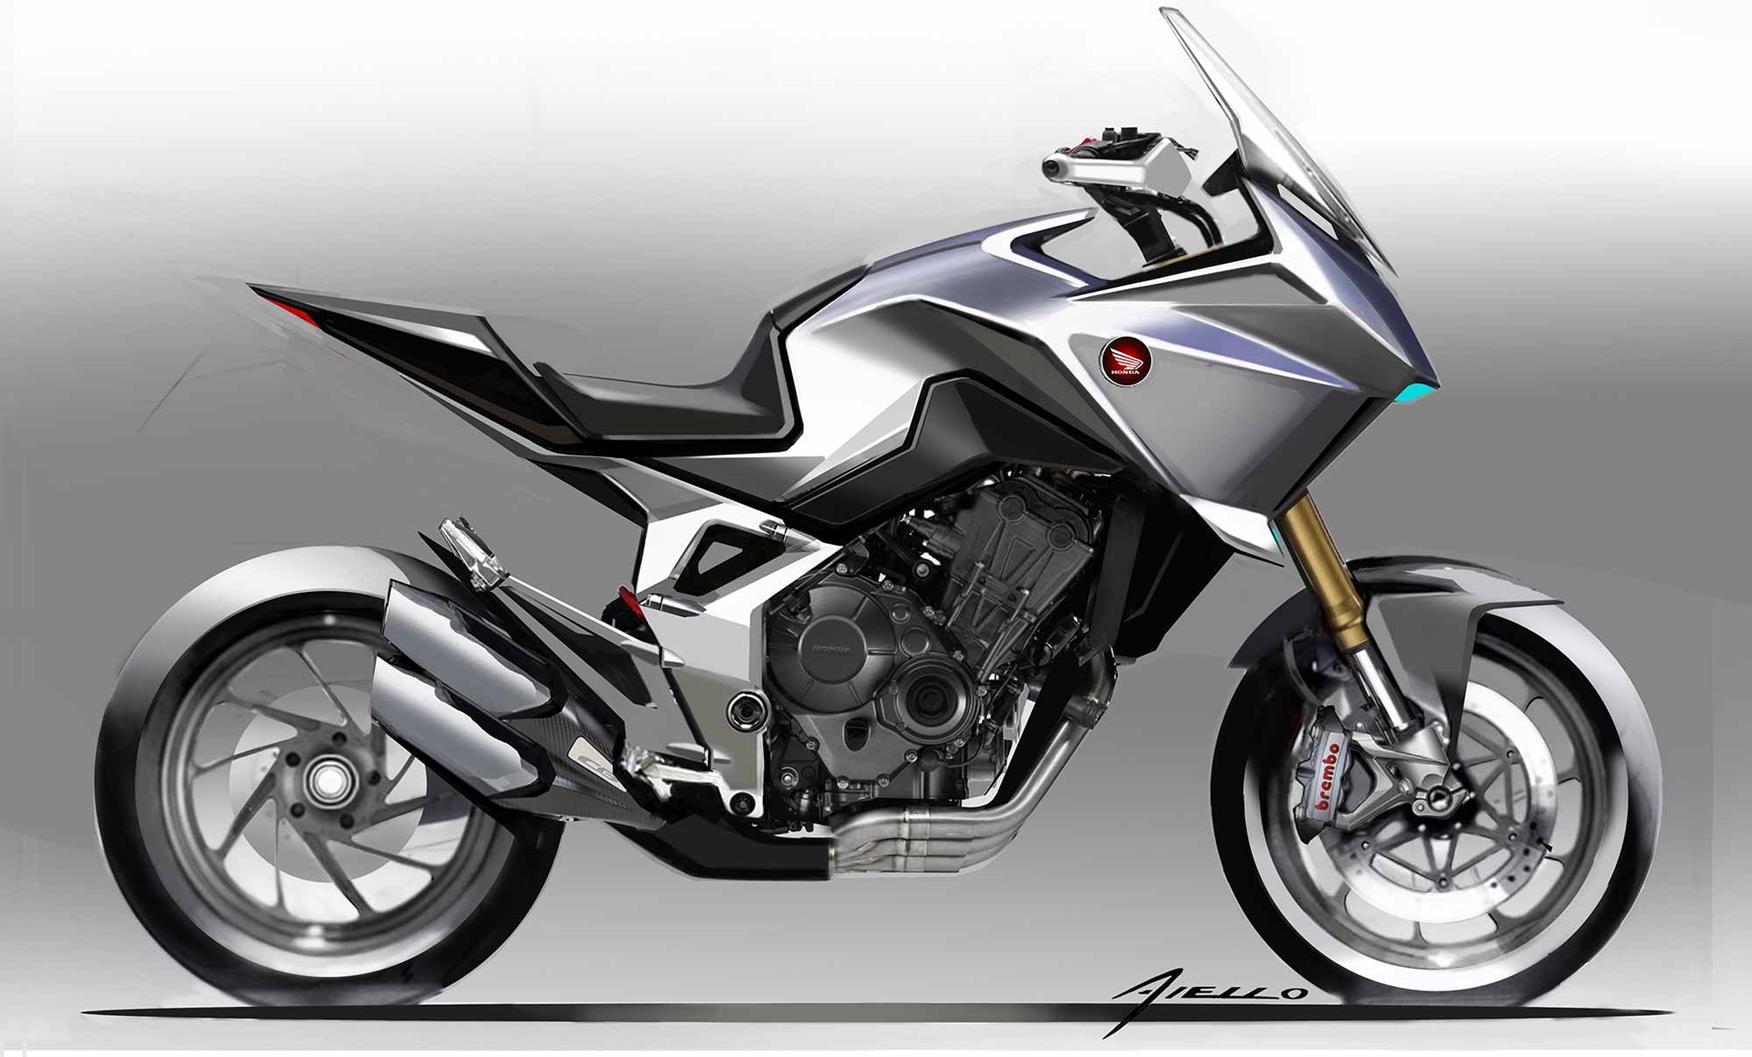 A sketch of the Honda CB4X concept